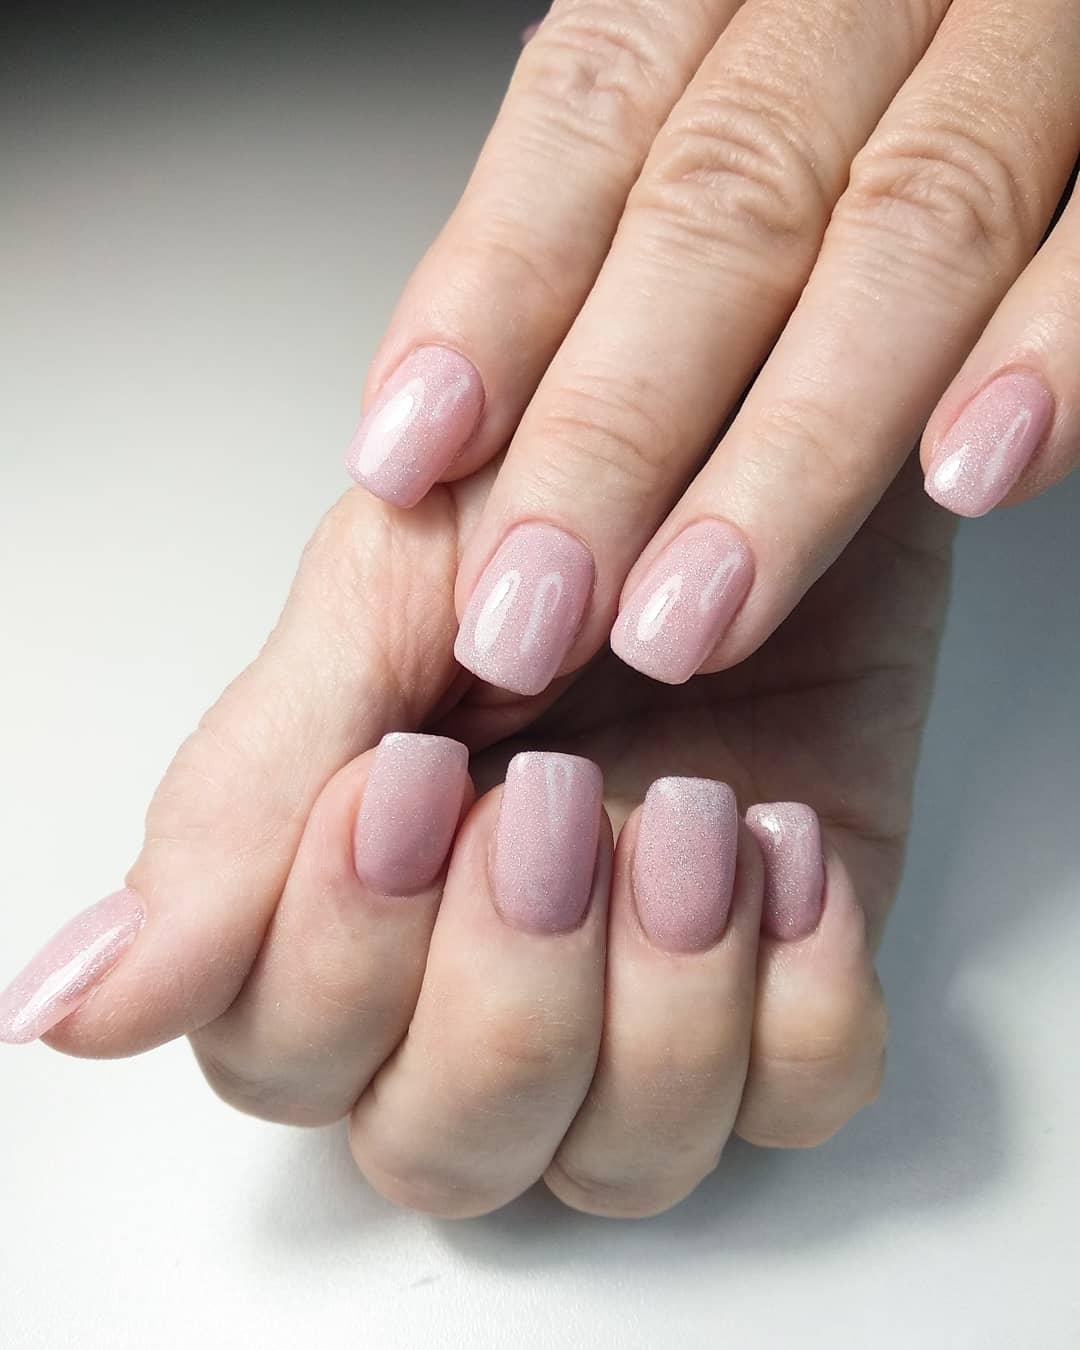 Полупрозрачный маникюр в розовом цвете с блёстками.